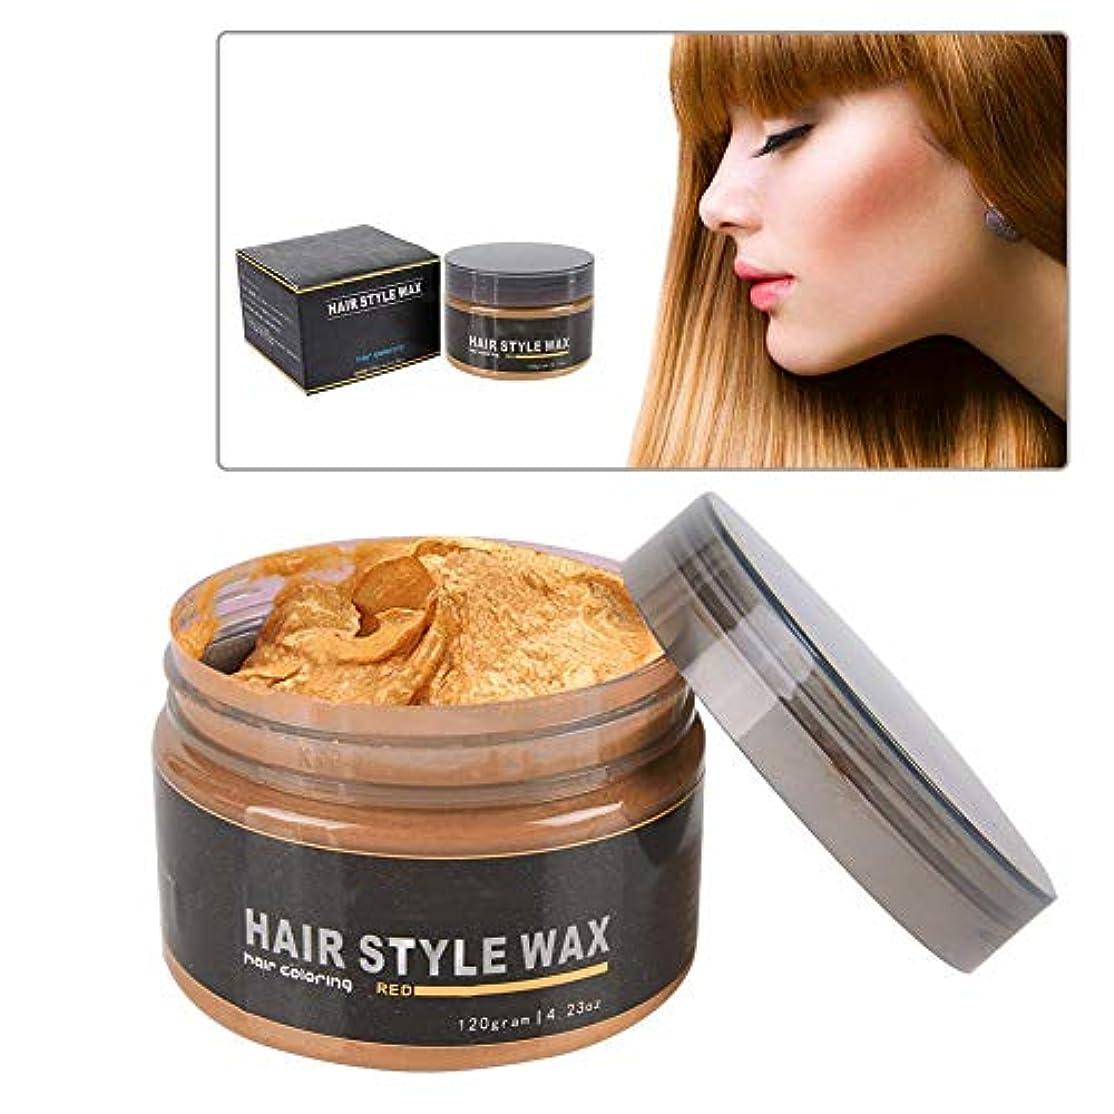 限りなくハンドブック先駆者使い捨ての新しいヘアカラーワックス、染毛剤の着色泥のヘアスタイルモデリングクリーム120グラム(ゴールド)